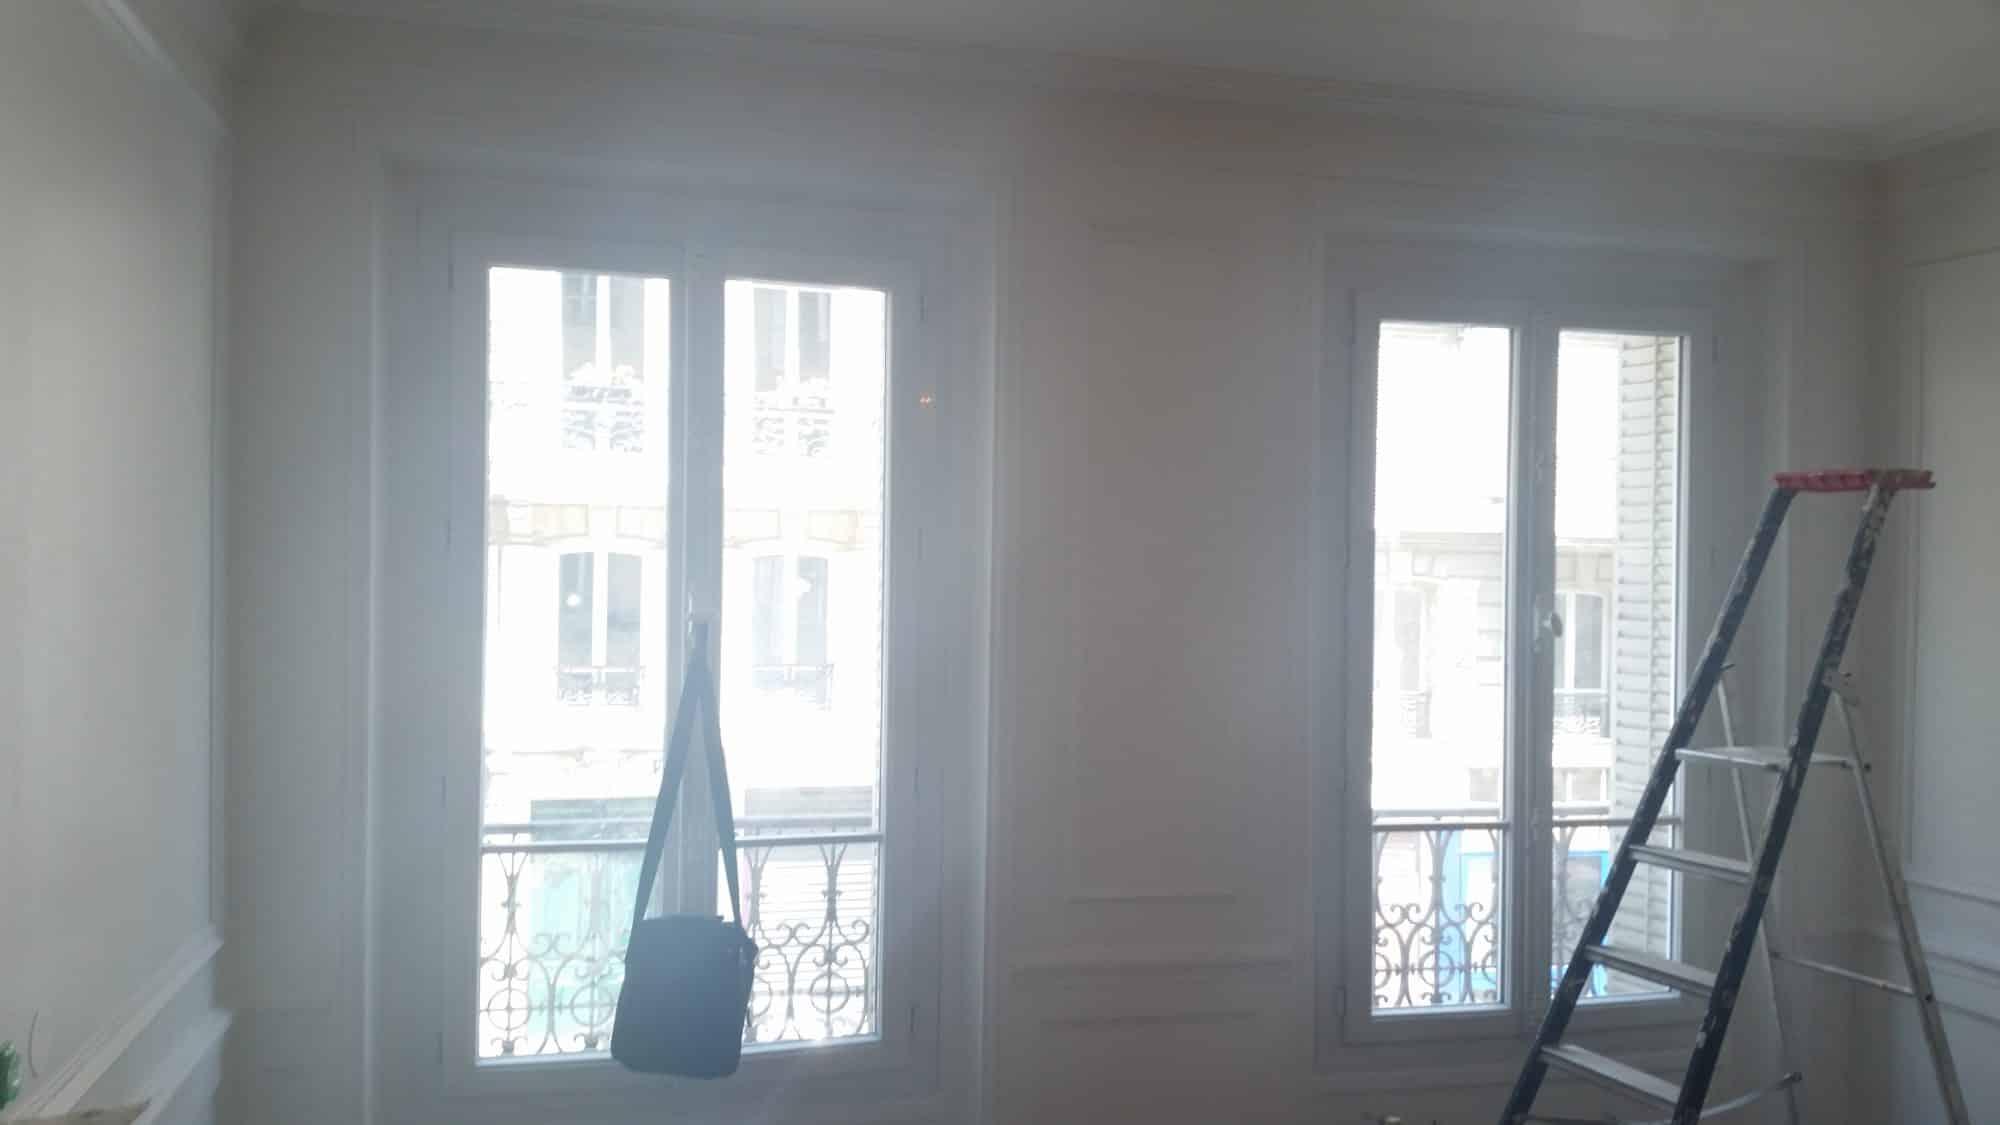 etofea du voilage l 39 occultant des rideaux sur mesure adapt s pour chaque pi ce d 39 un. Black Bedroom Furniture Sets. Home Design Ideas